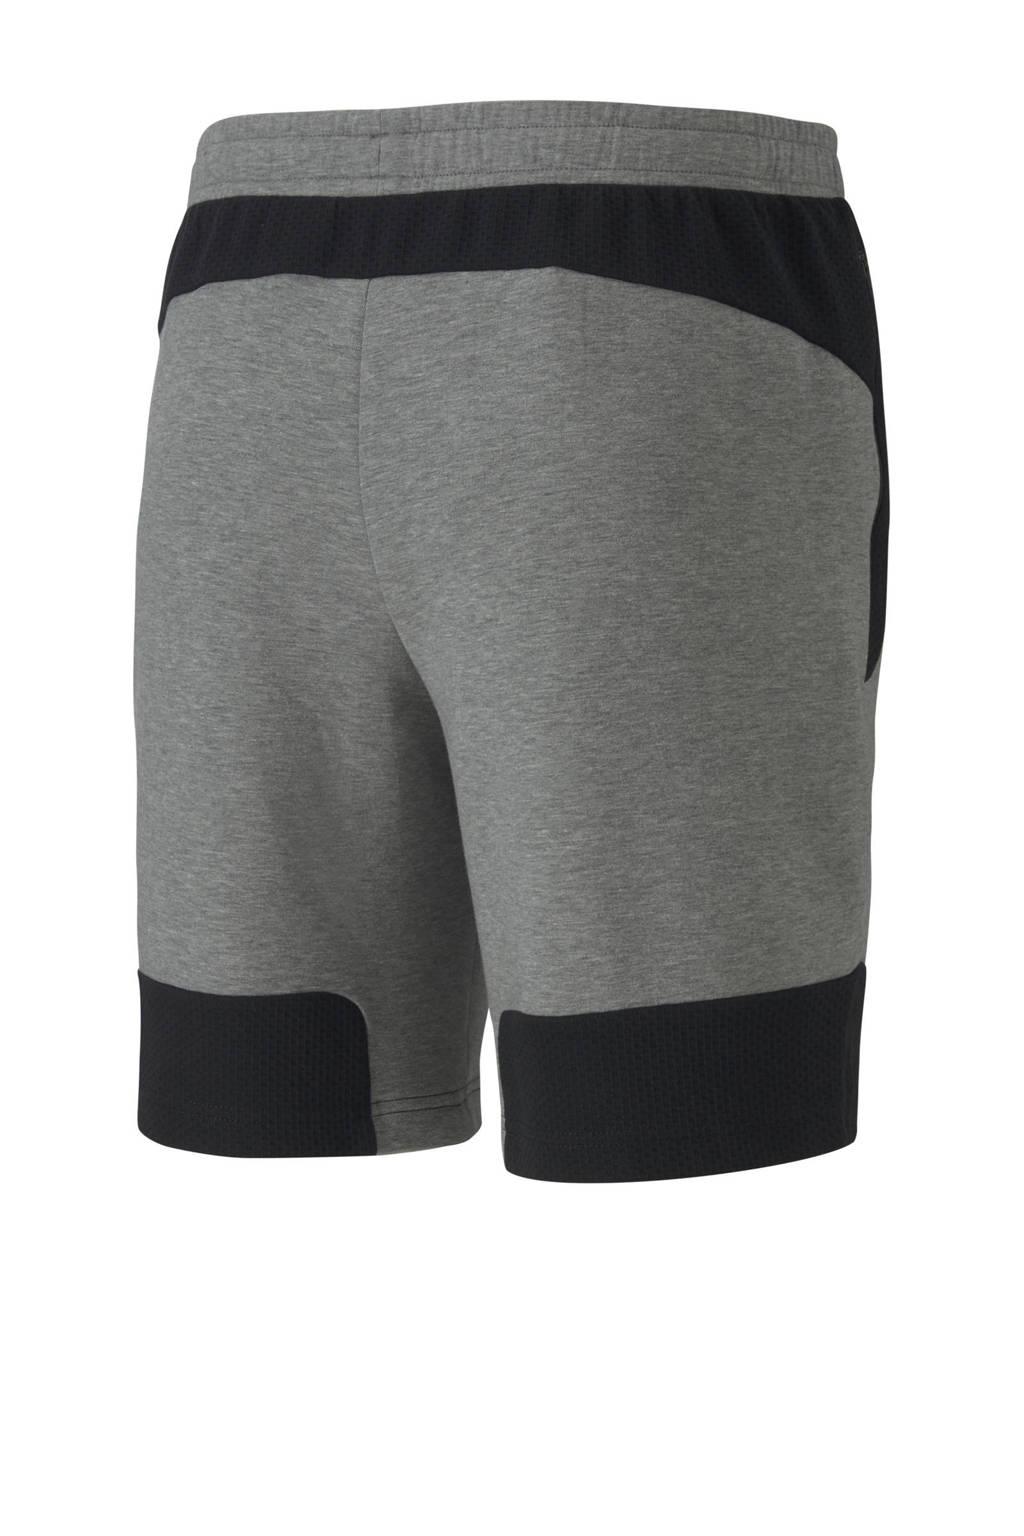 Puma   joggingshort grijs/zwart, Grijs/zwart